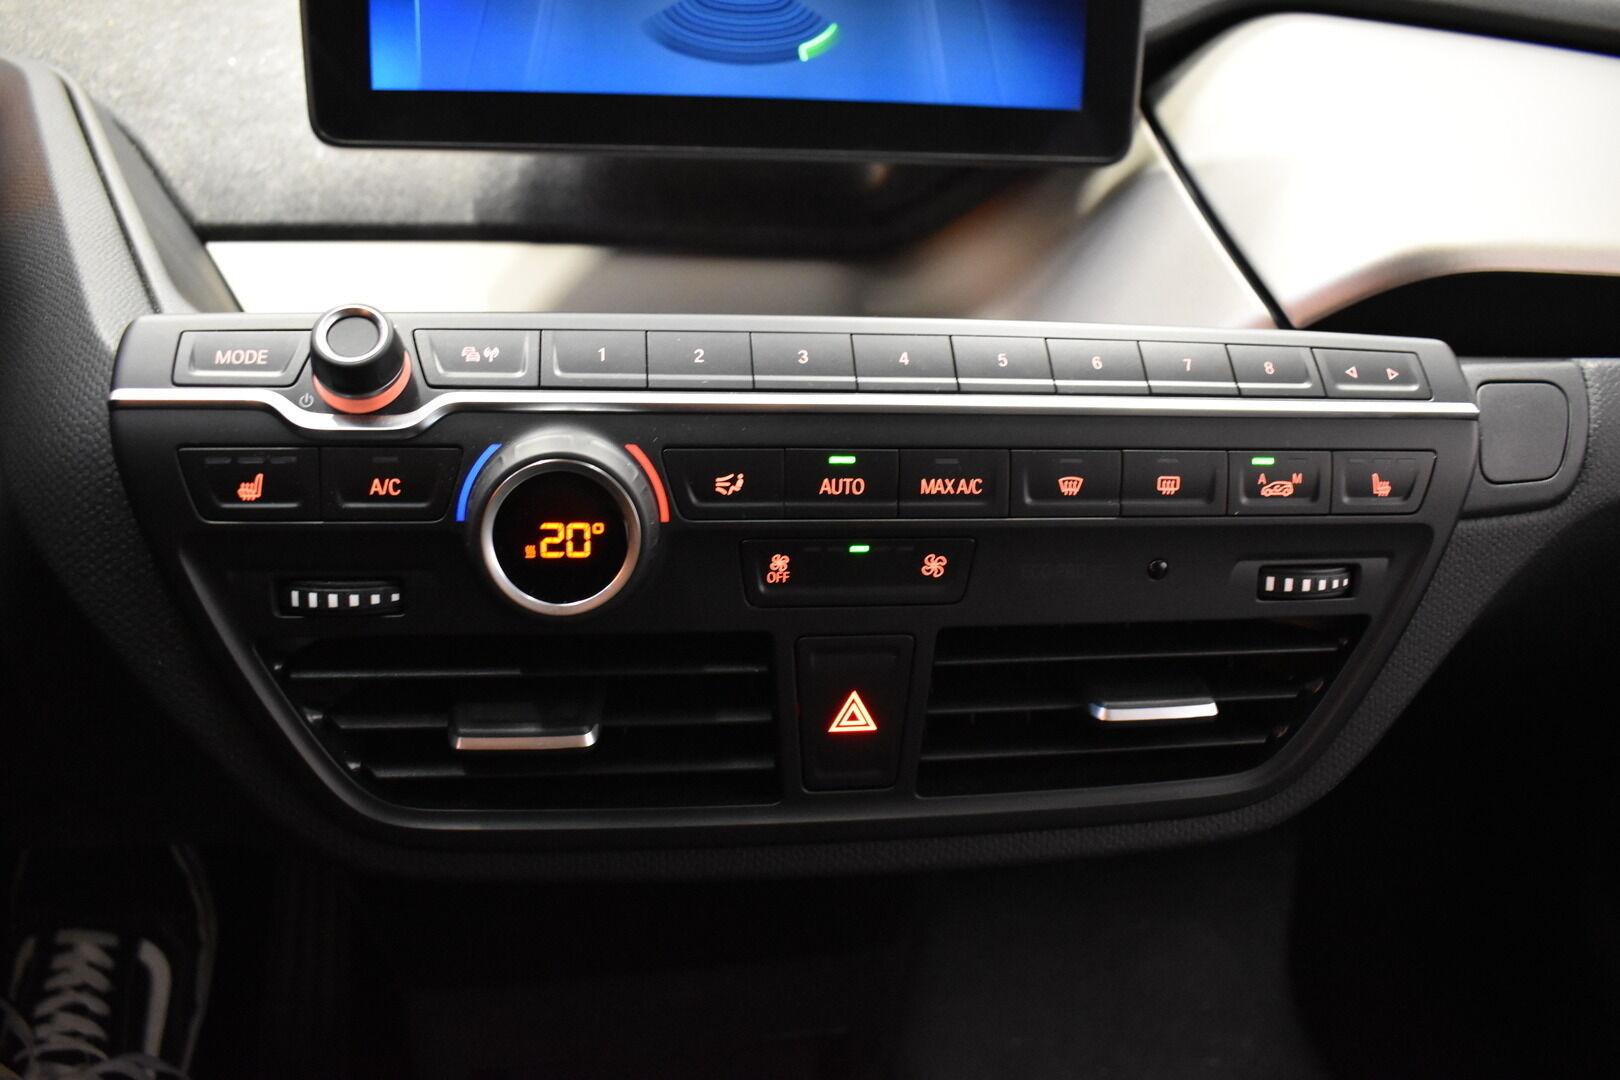 Monikäyttö, BMW i3 – LAH-81120, kuva 23